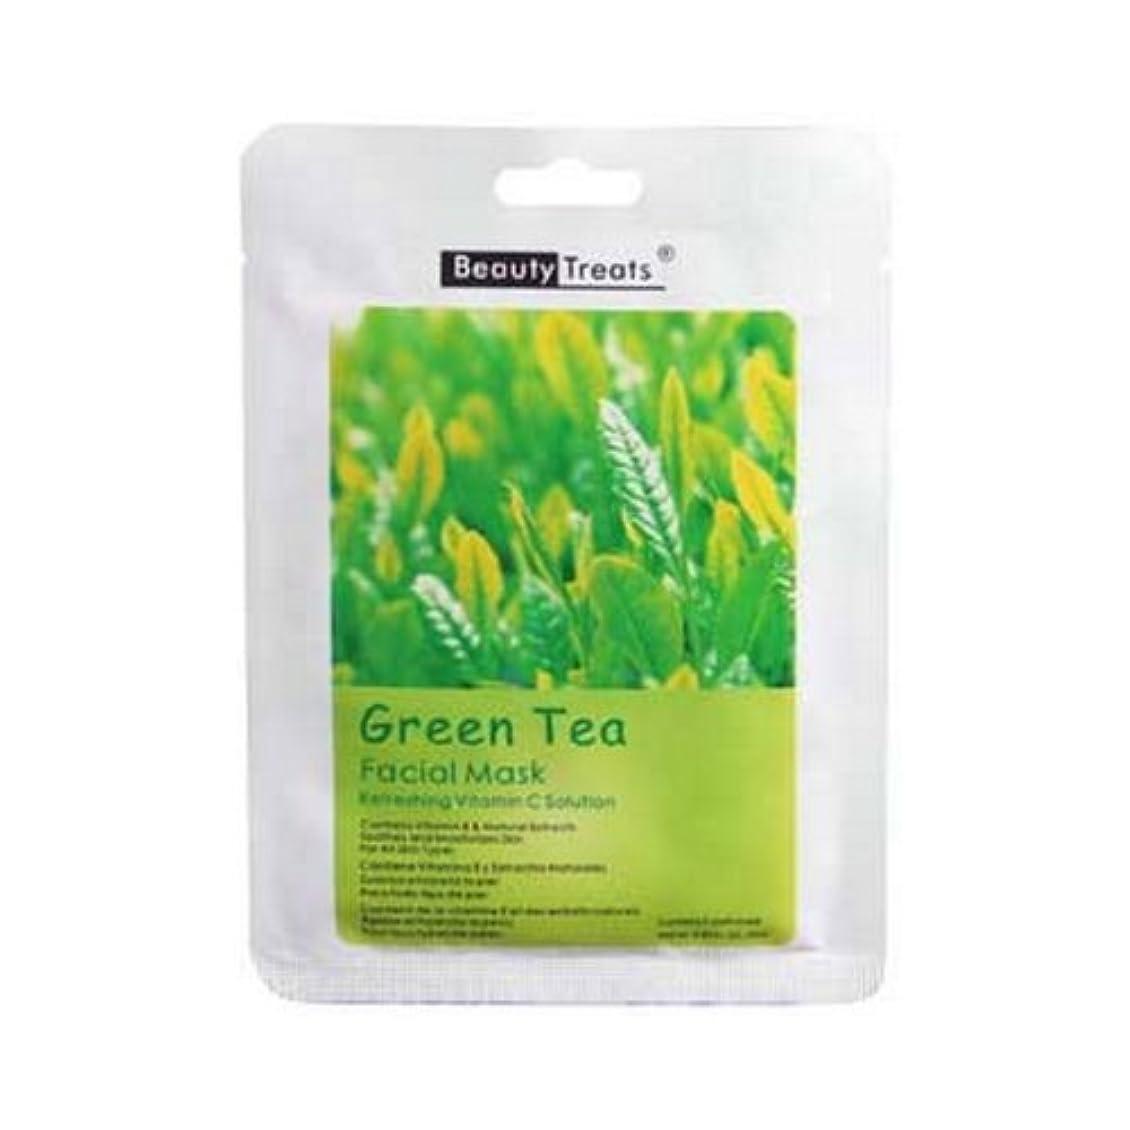 貫通独特のひいきにする(6 Pack) BEAUTY TREATS Facial Mask Refreshing Vitamin C Solution - Green Tea (並行輸入品)